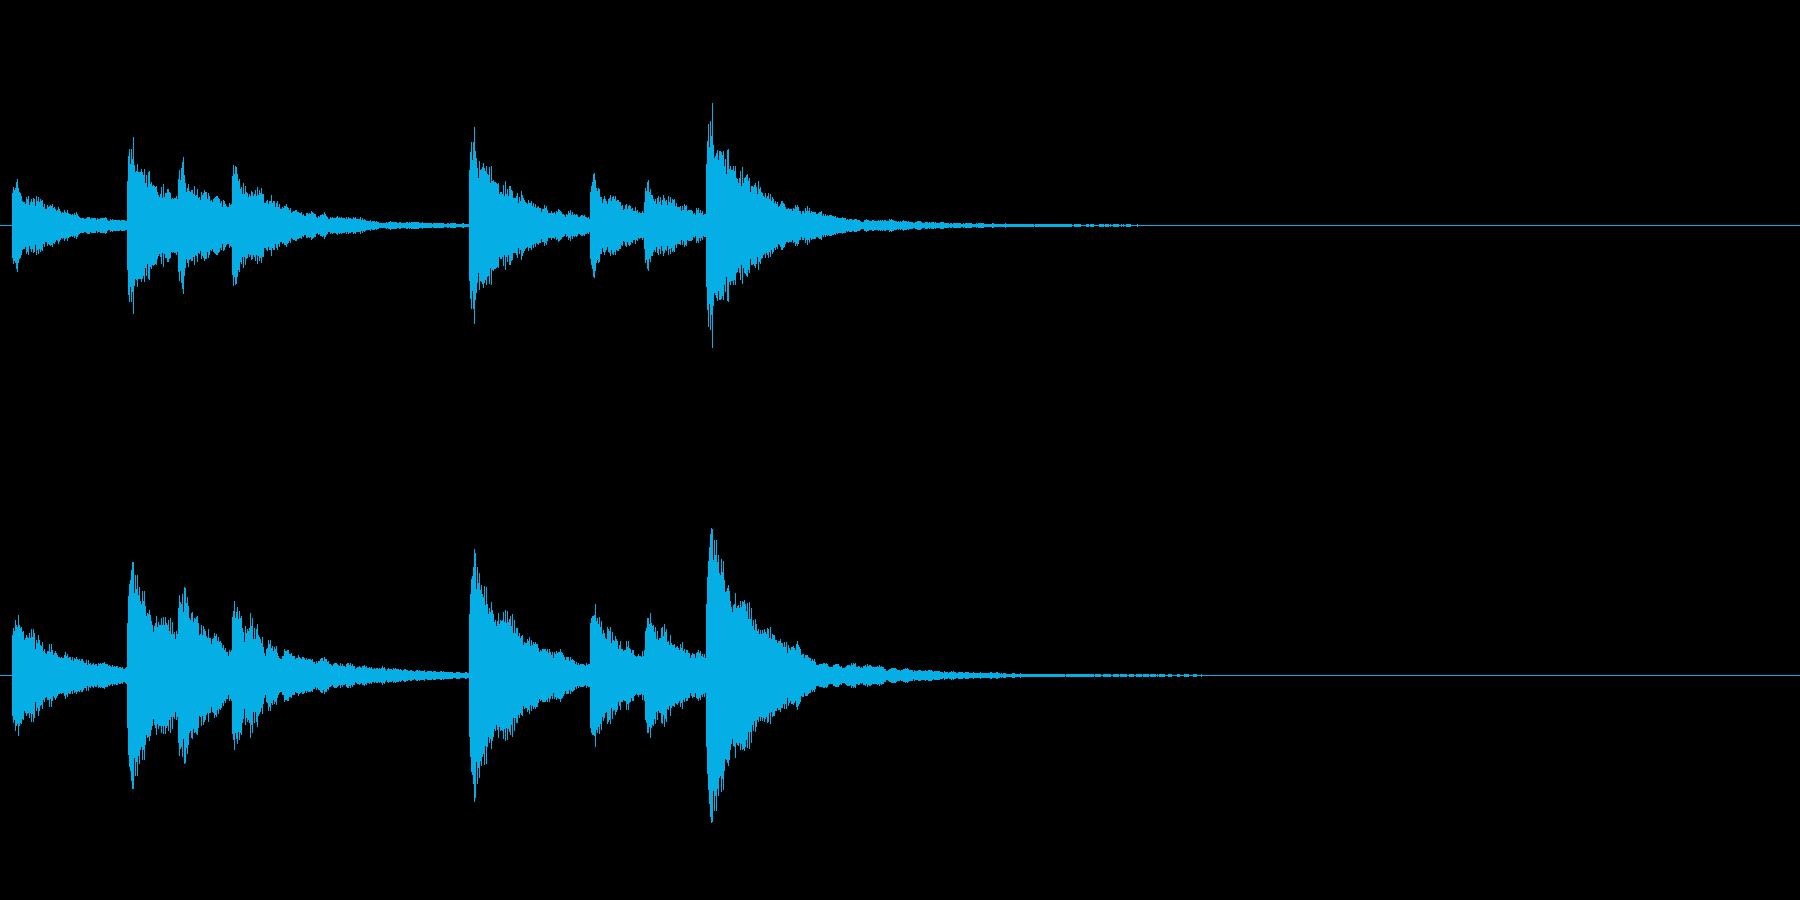 歌舞伎の吊るし鉦 双盤のフレーズ音+Fxの再生済みの波形